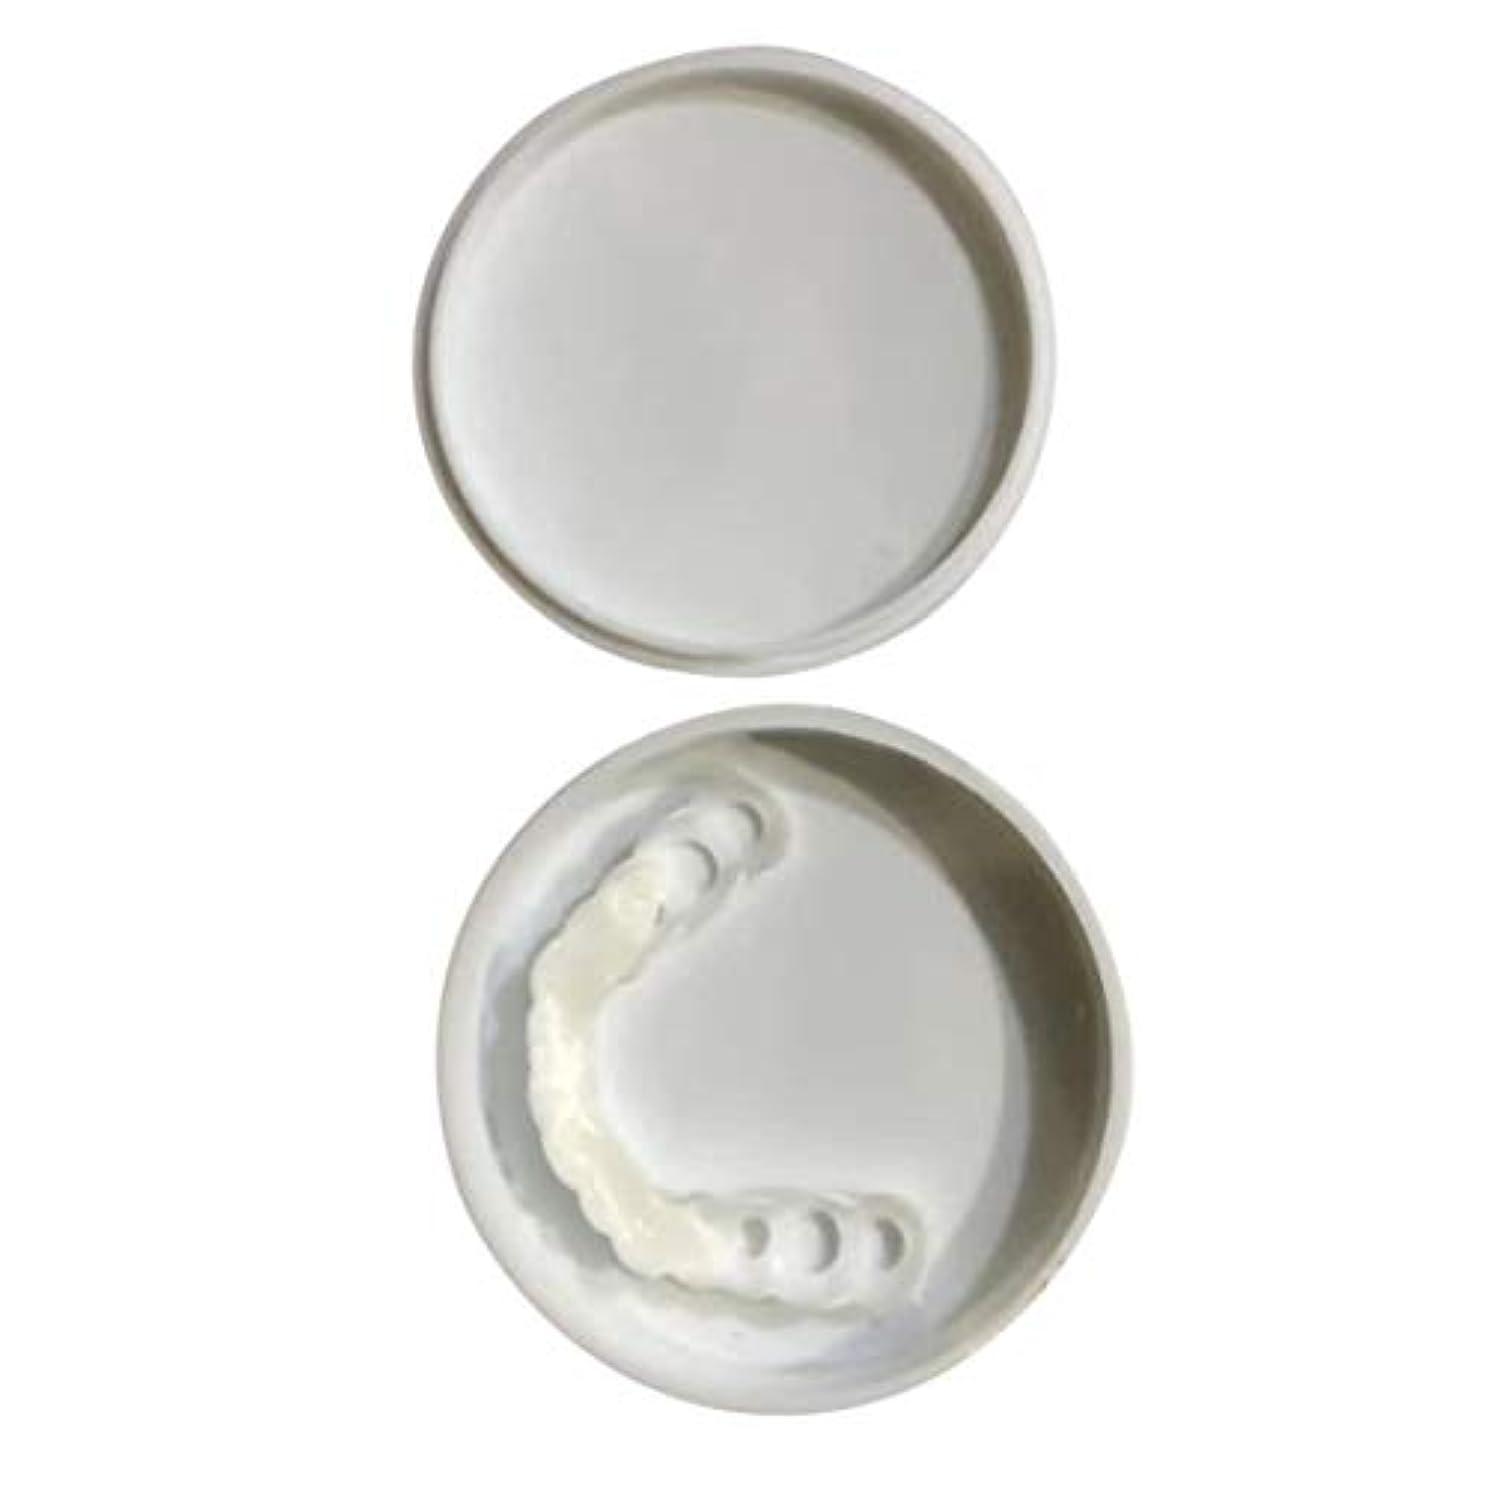 リズムメキシコ職人快適なスナップオン男性女性歯インスタントパーフェクトスマイルコンフォートフィットフレックス歯フィットホワイトニング笑顔偽歯カバー - ホワイト